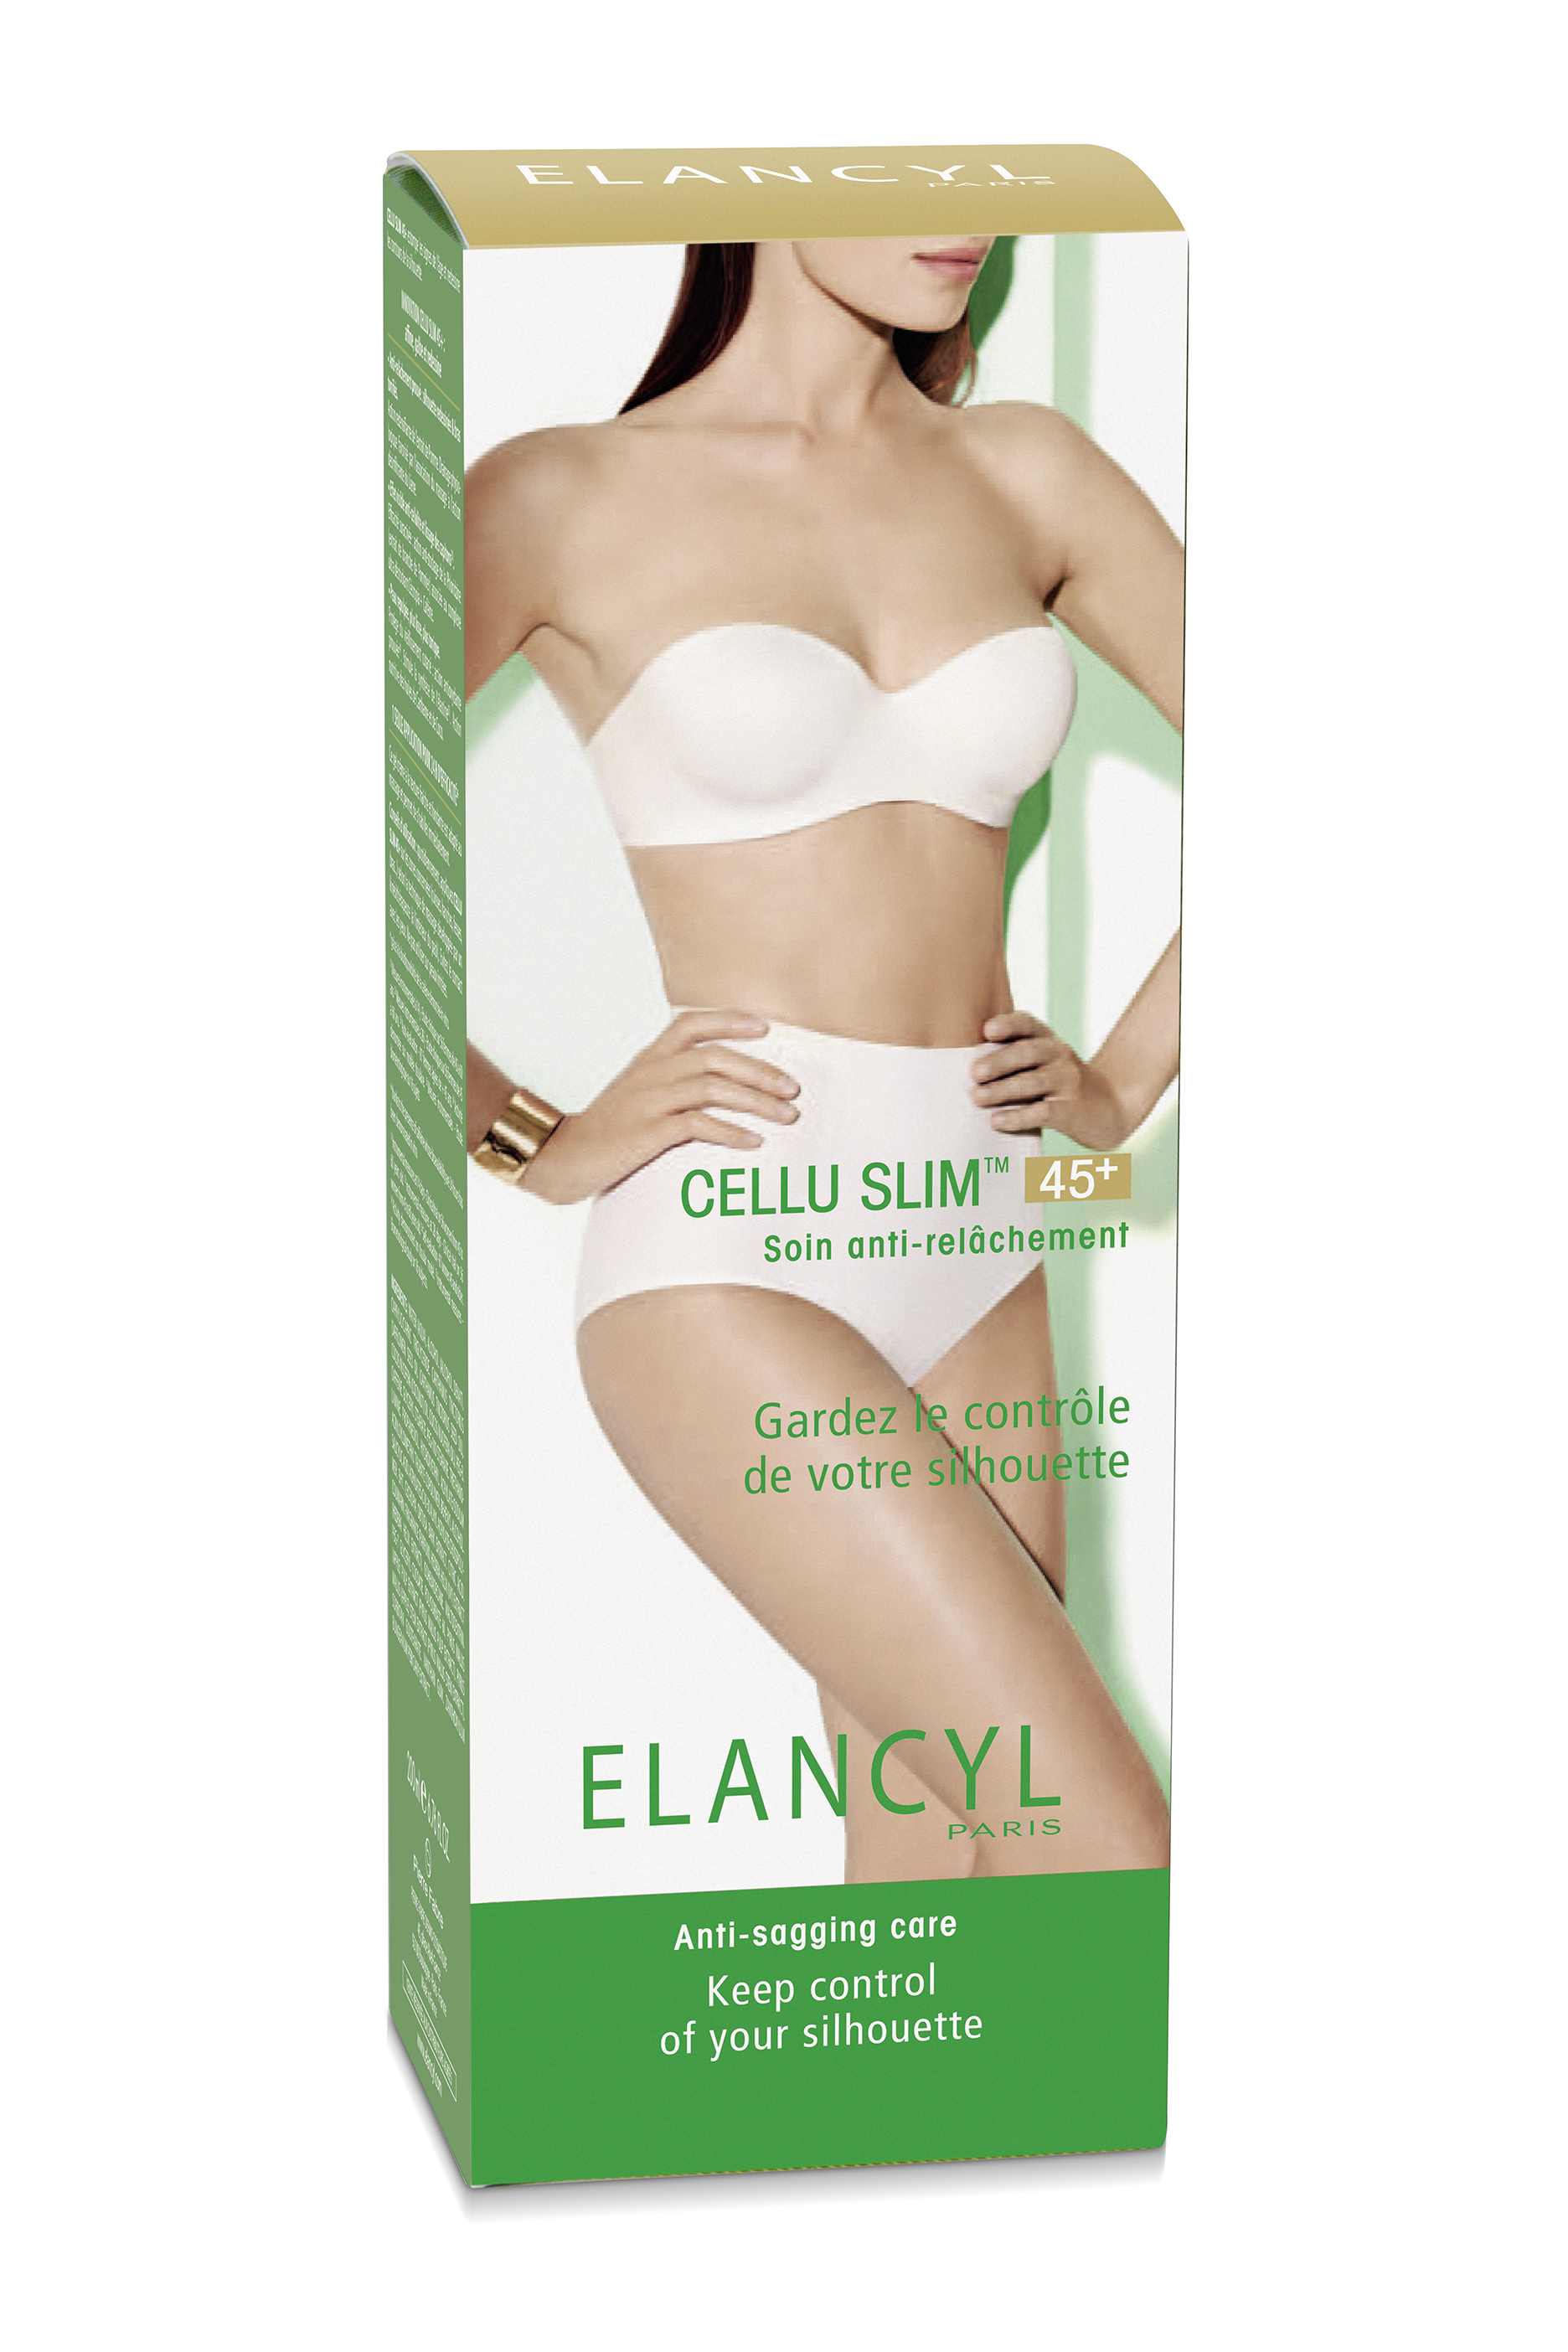 elancyl-celluslim-45